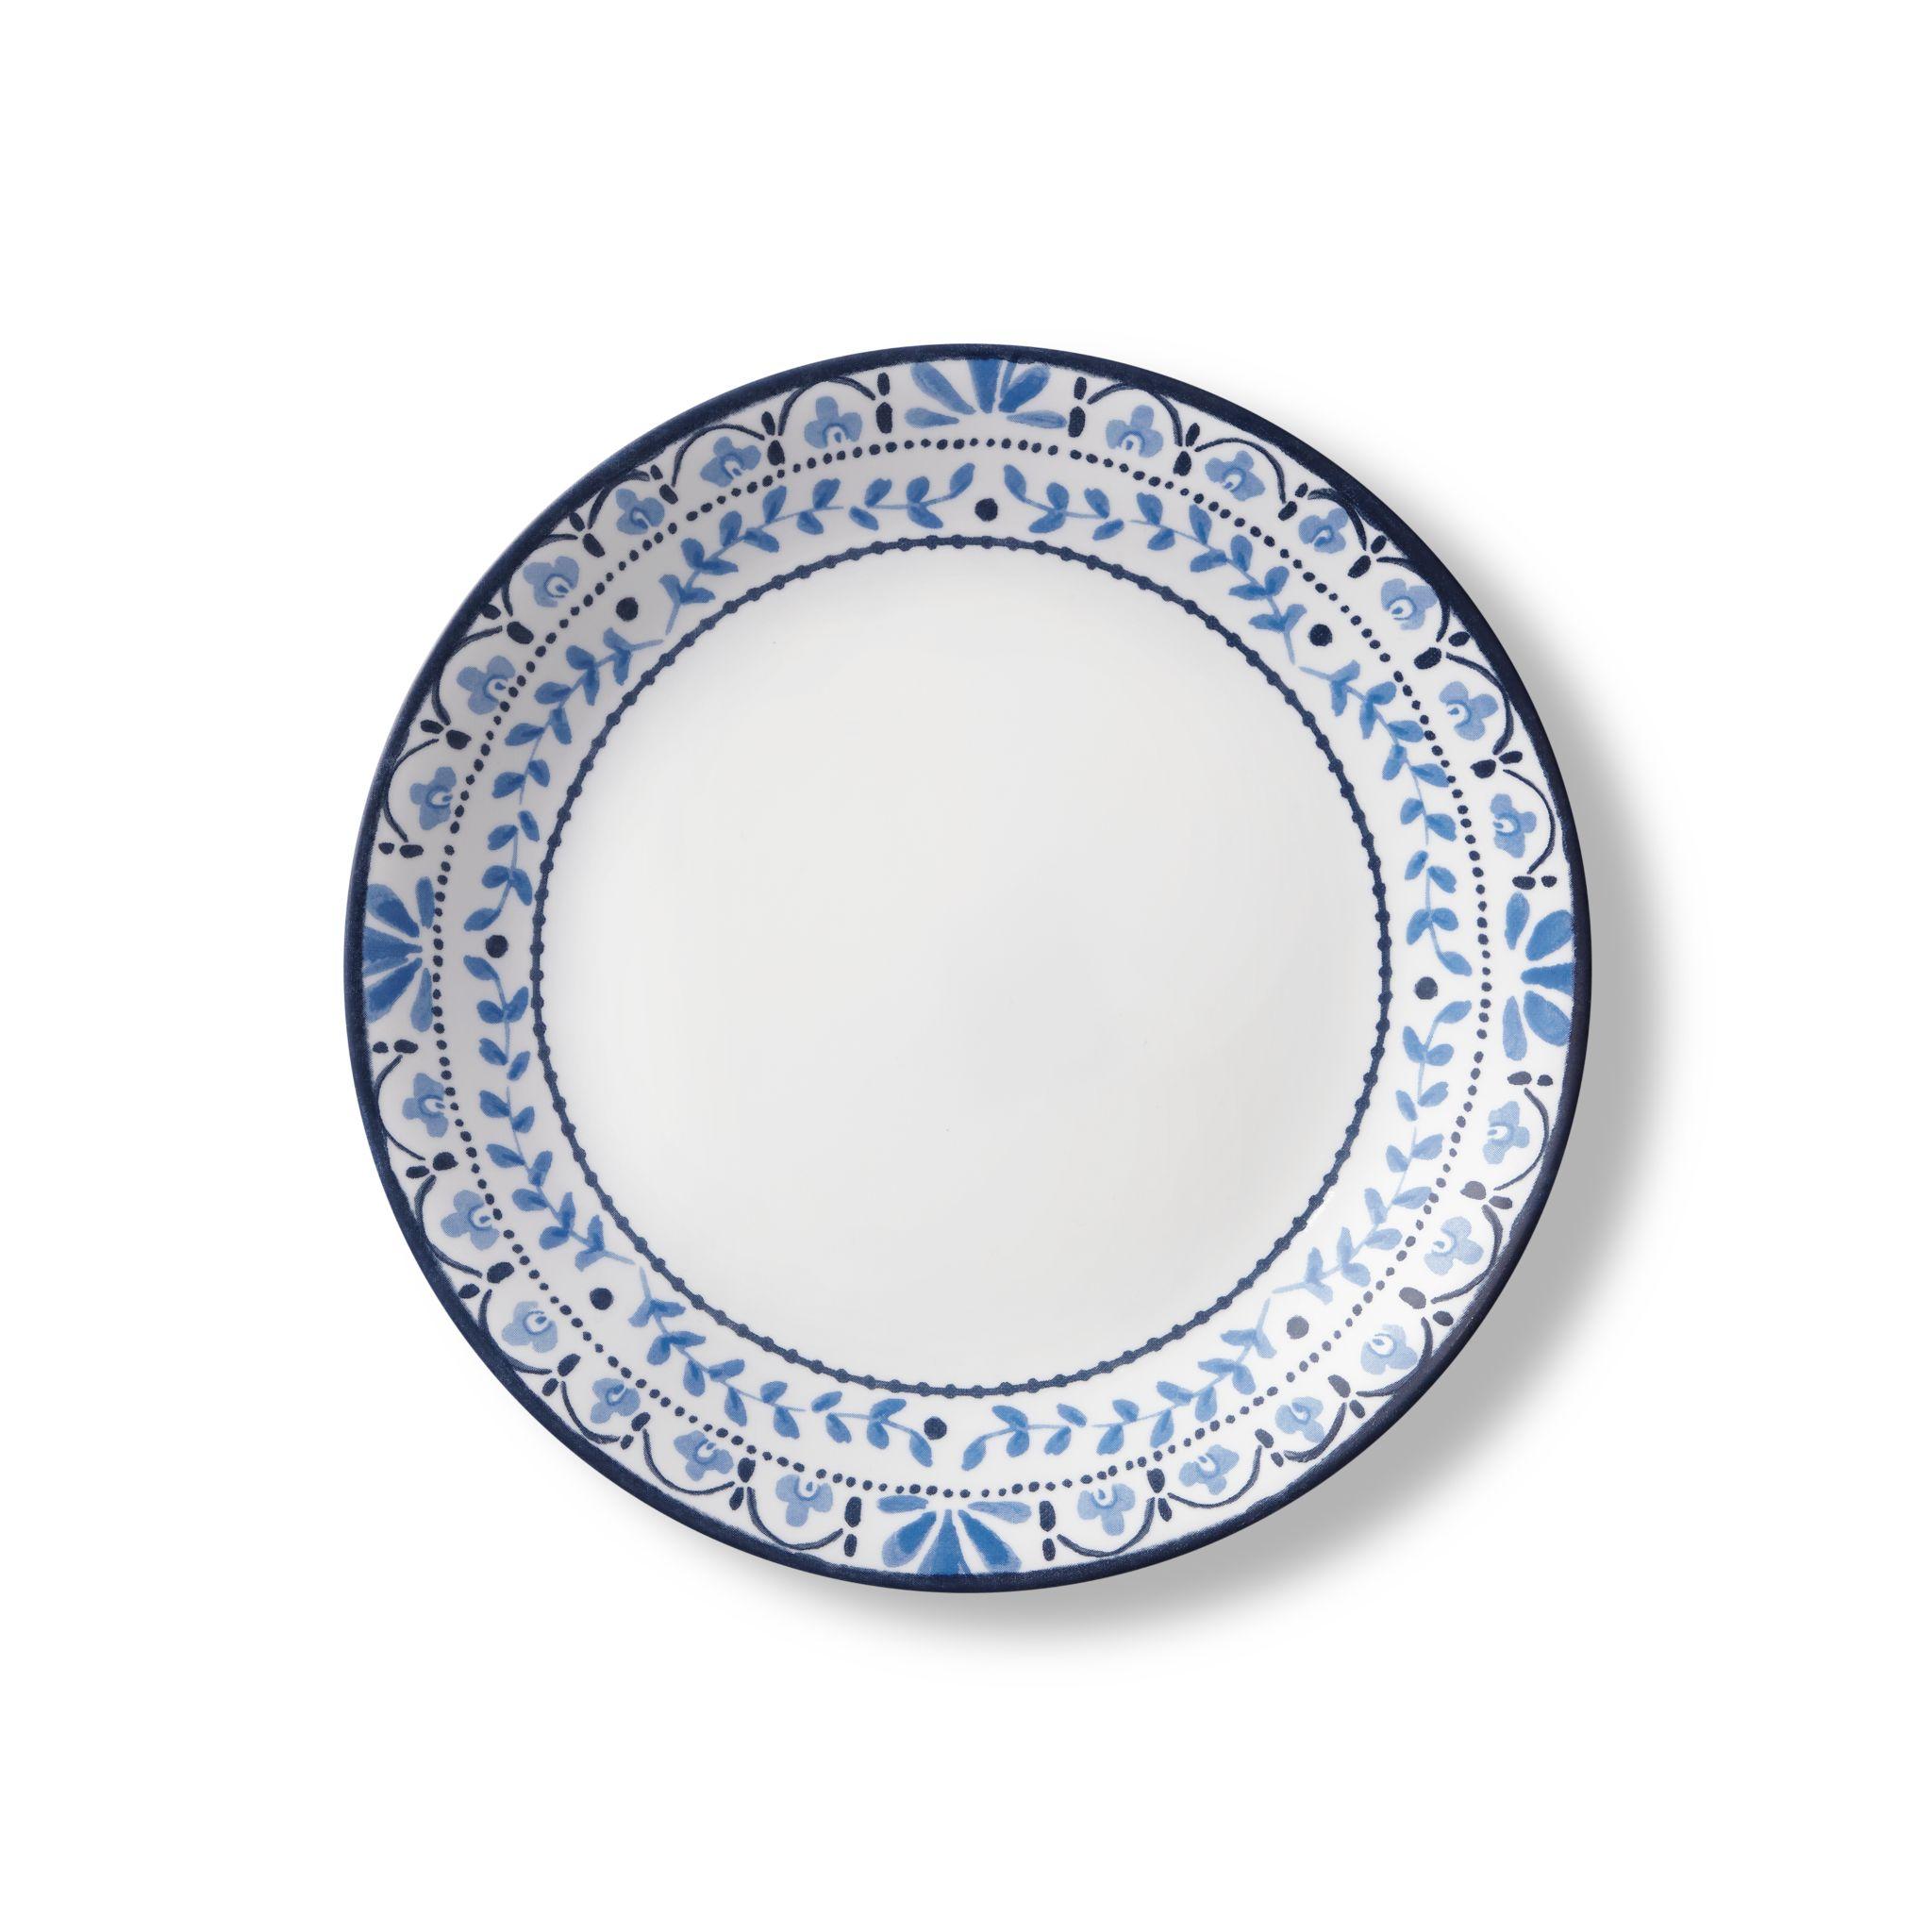 Corelle Portofino 8.5? Salad Plate